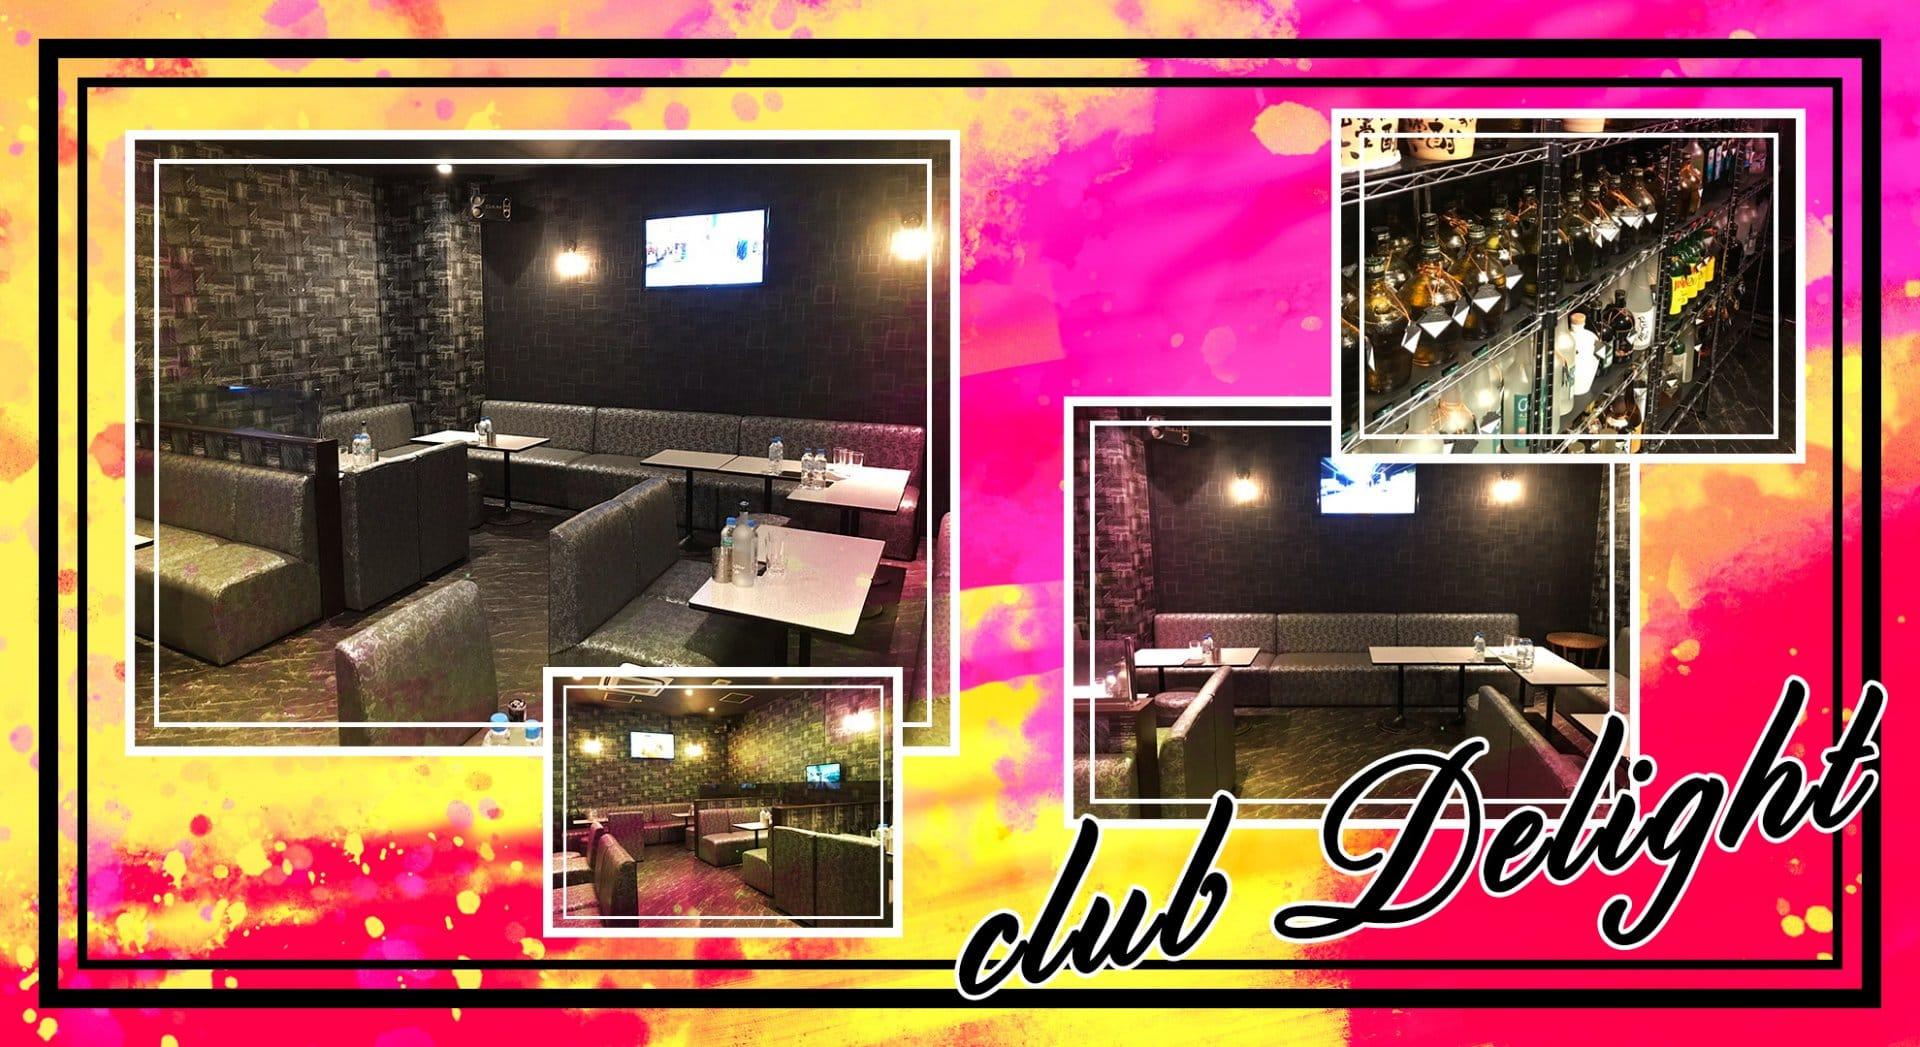 CLUB Delight(ディライト) 千葉キャバクラ TOP画像